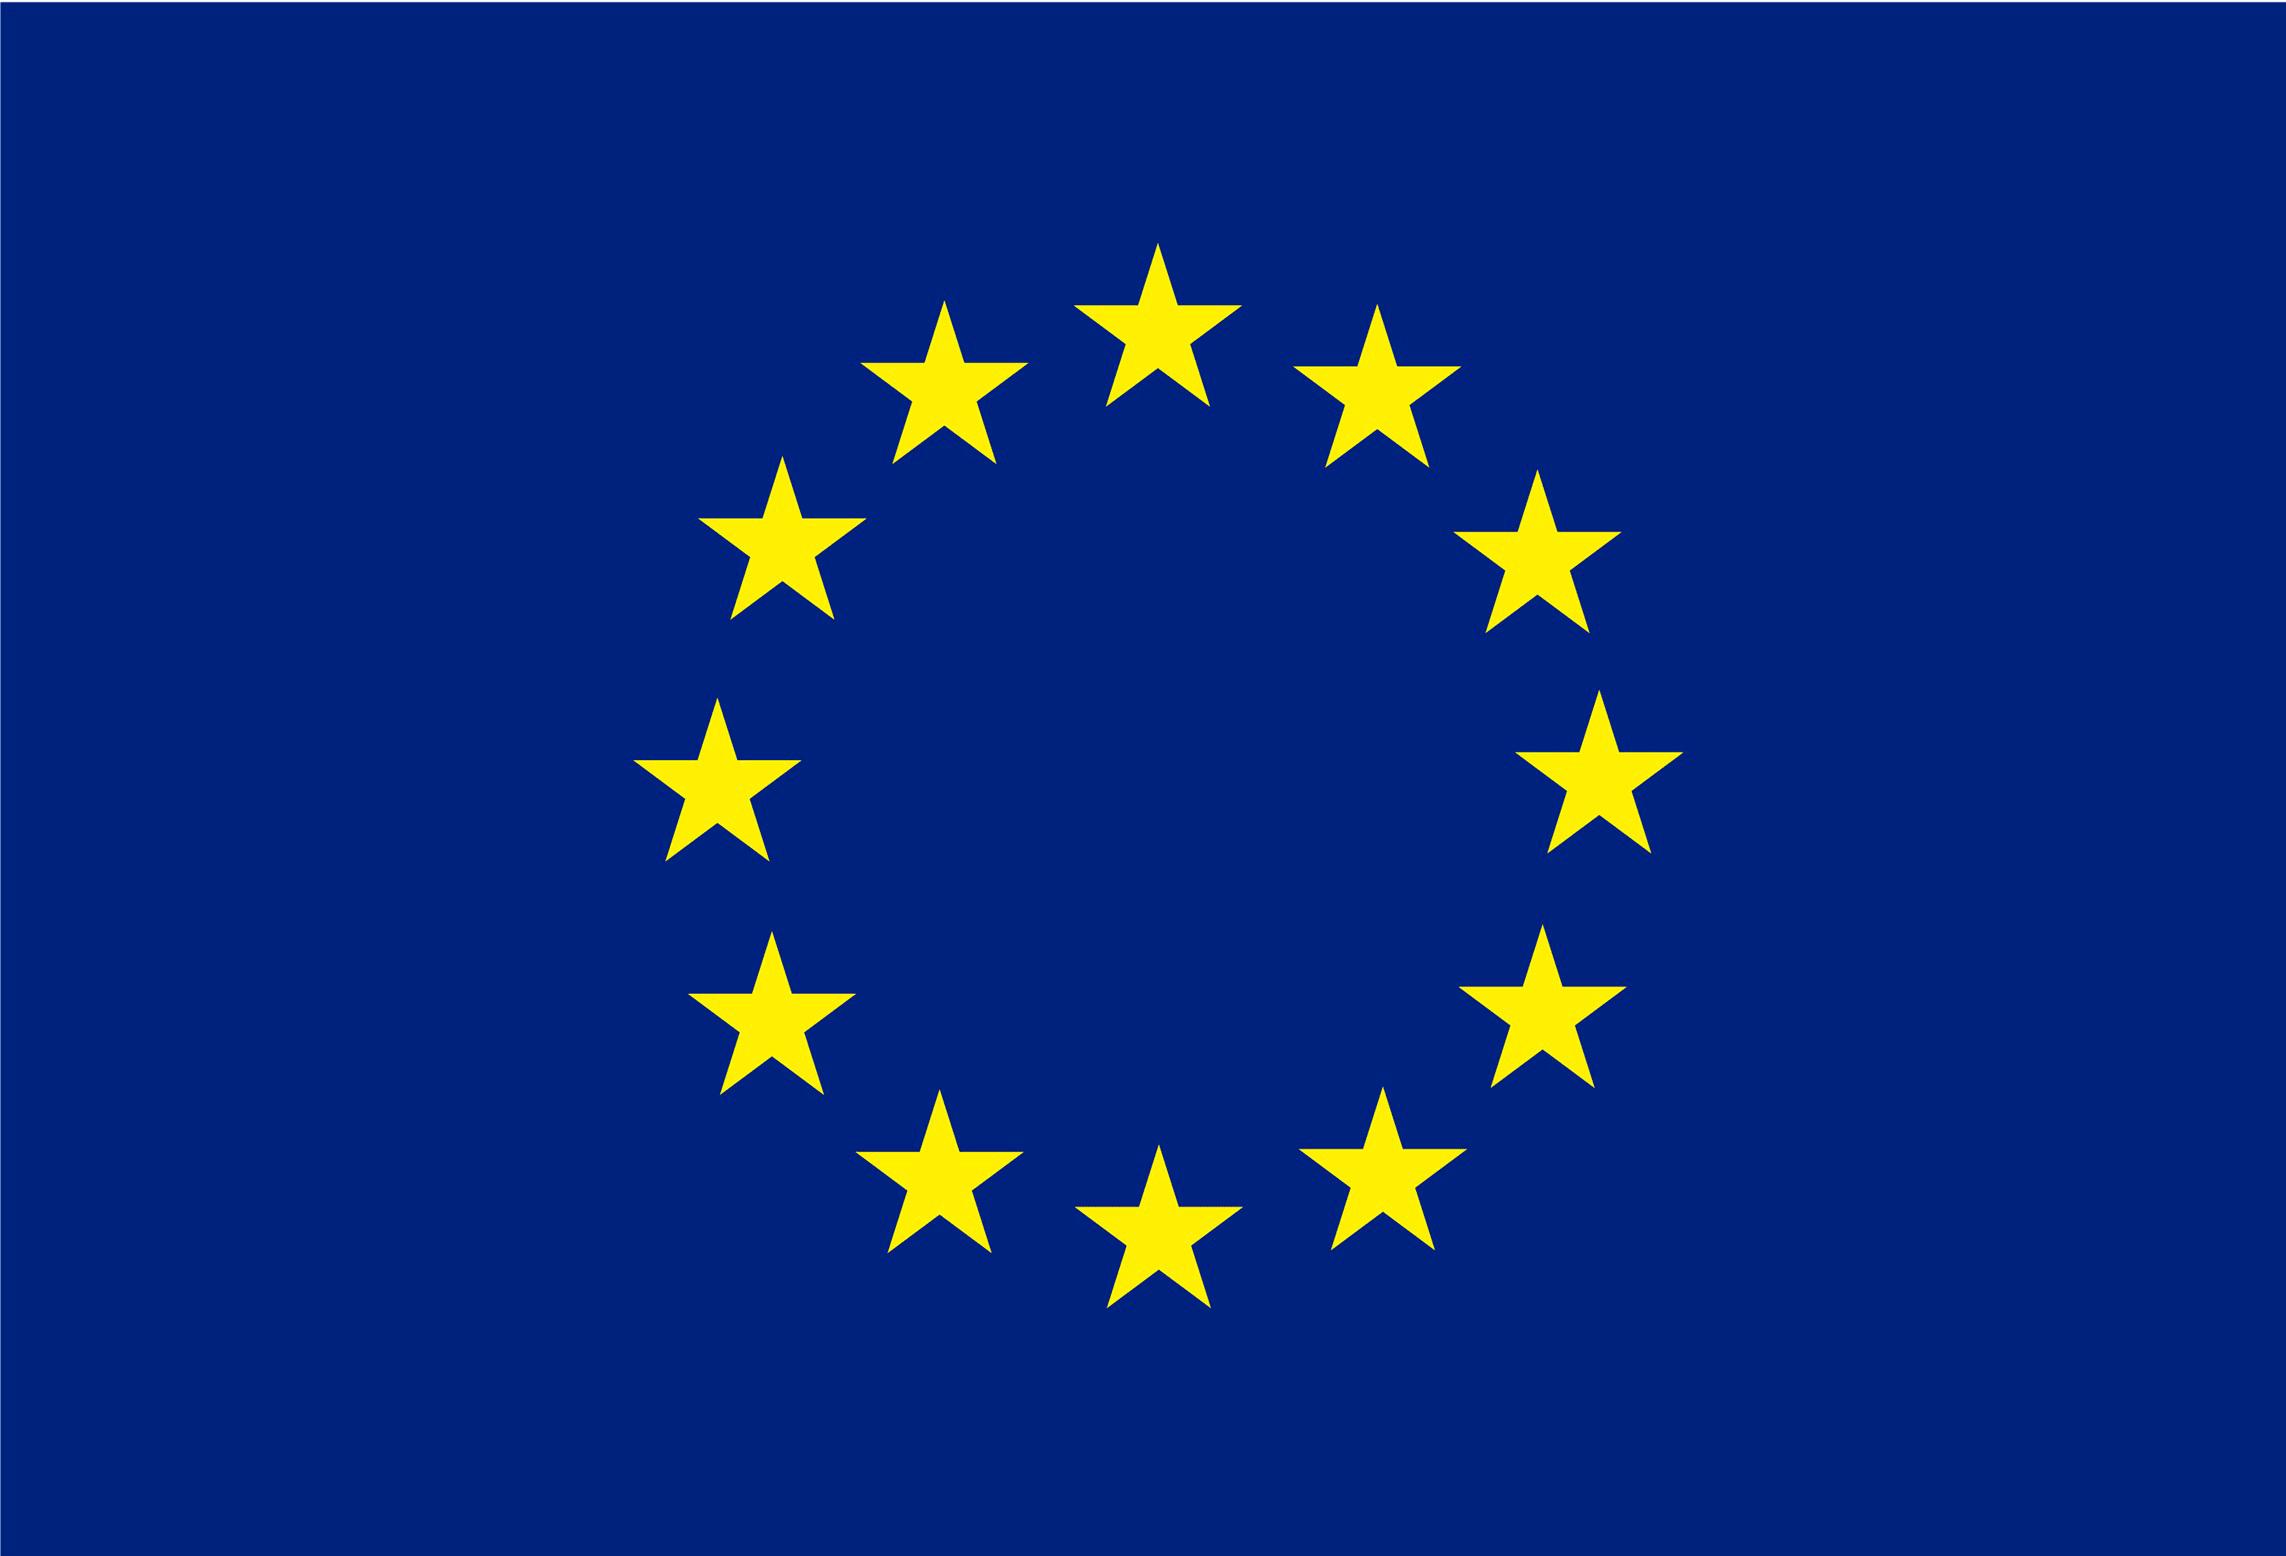 обои для рабочего стола флаг евросоюза № 389604  скачать